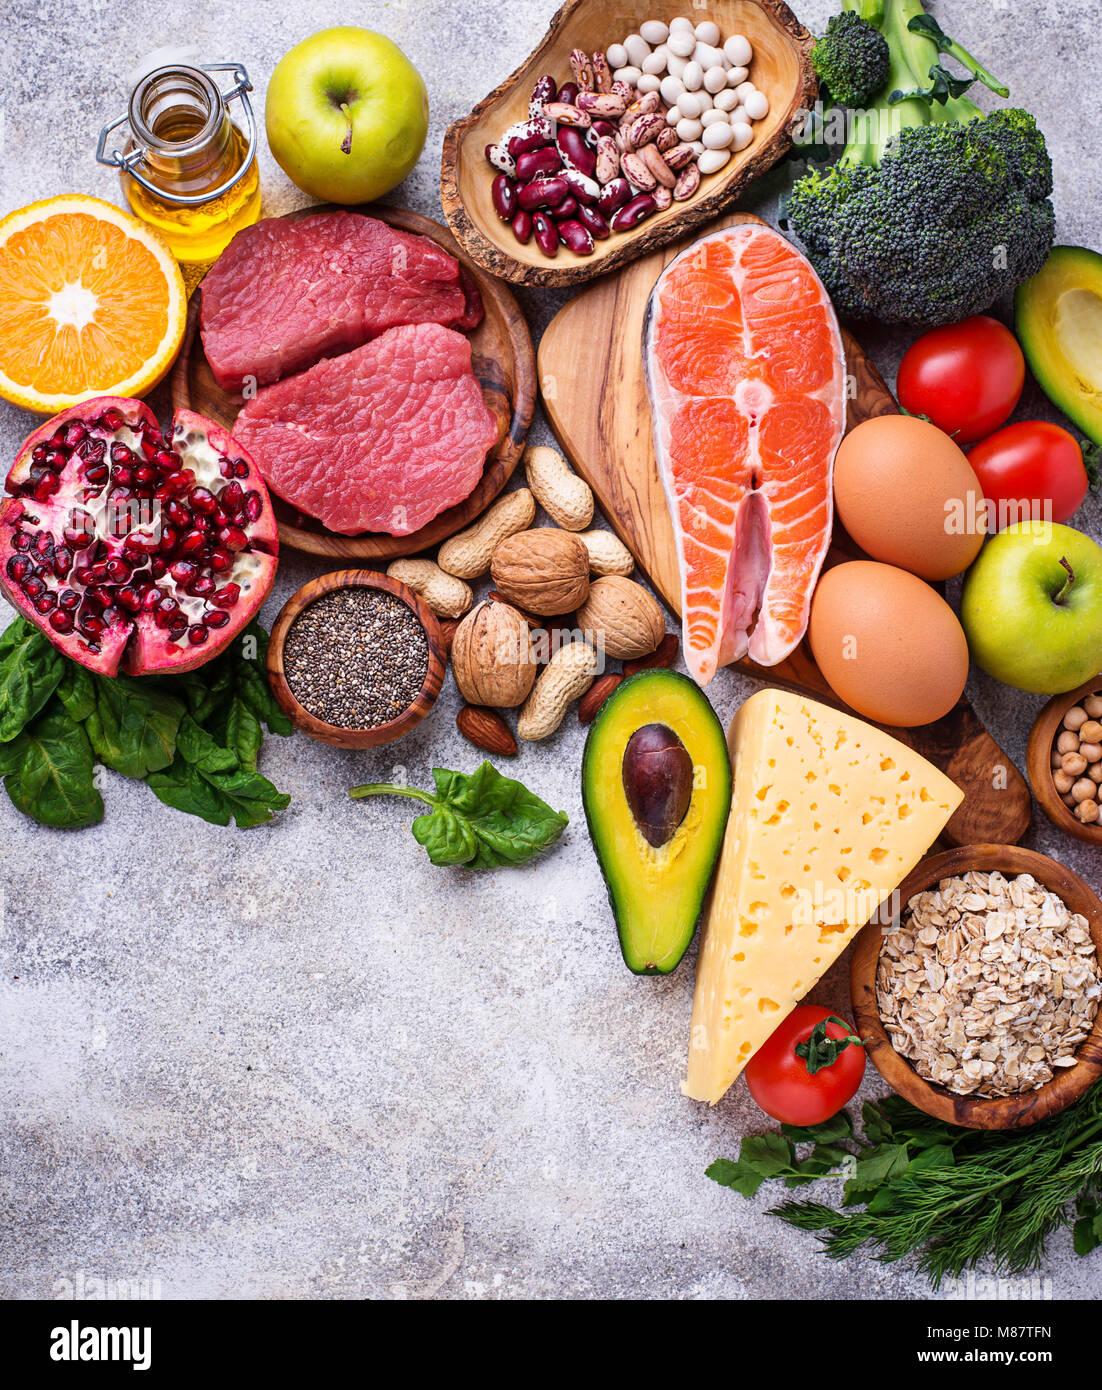 Los alimentos orgánicos para una nutrición sana y fuentes alimenticias Imagen De Stock